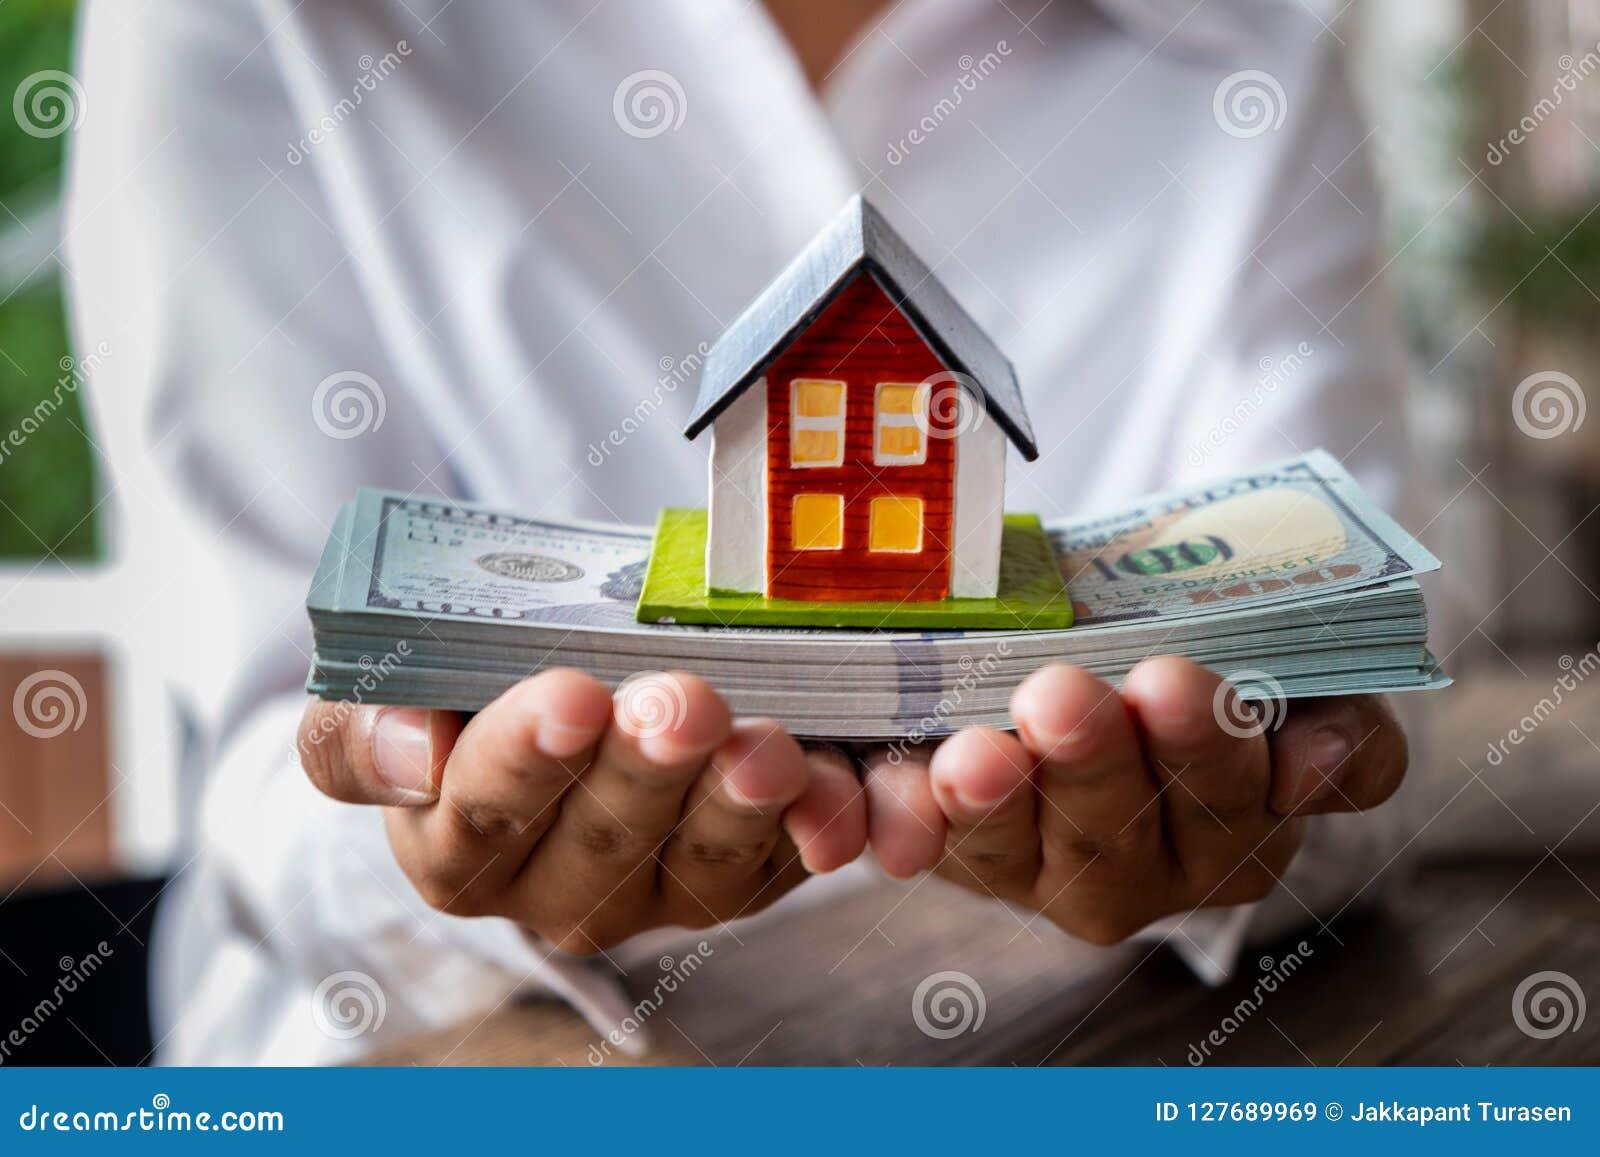 Husmodell och pengar i hand